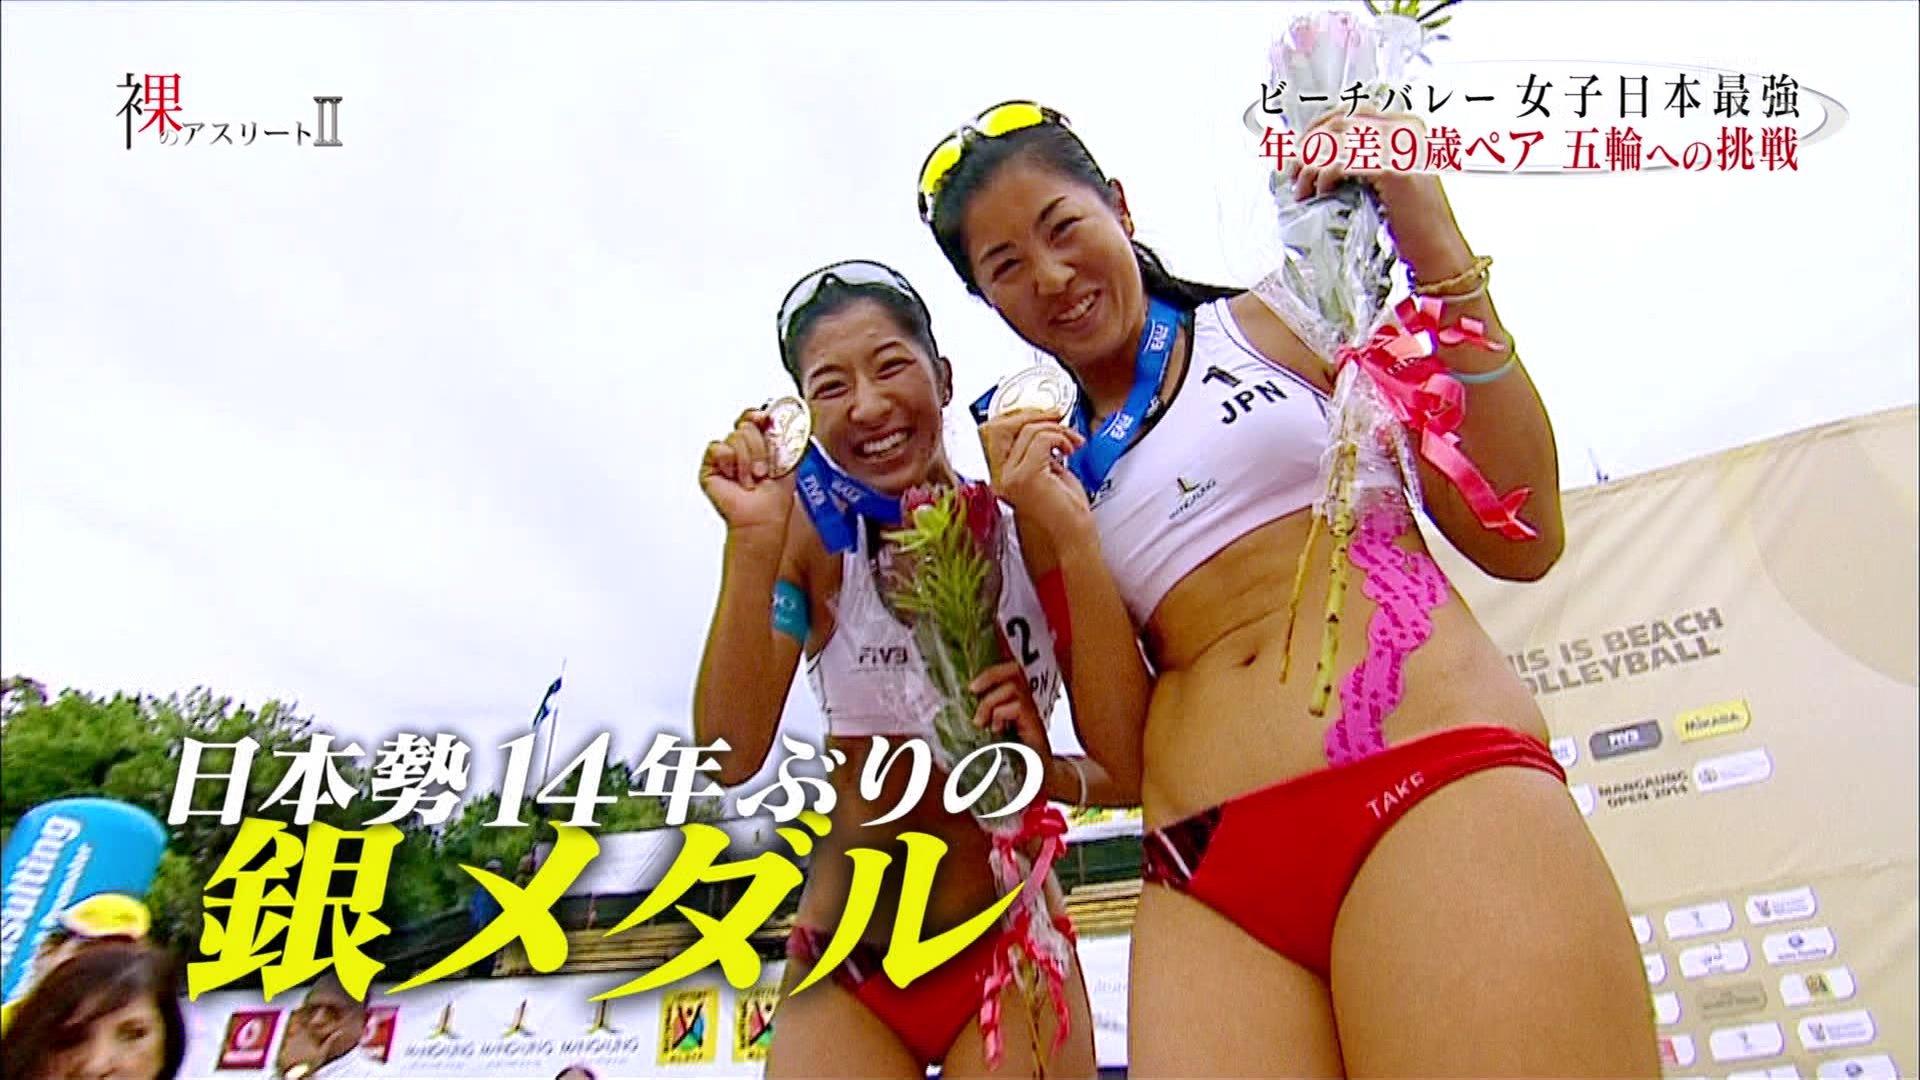 西堀健実 溝江明香 ビーチバレー 0012